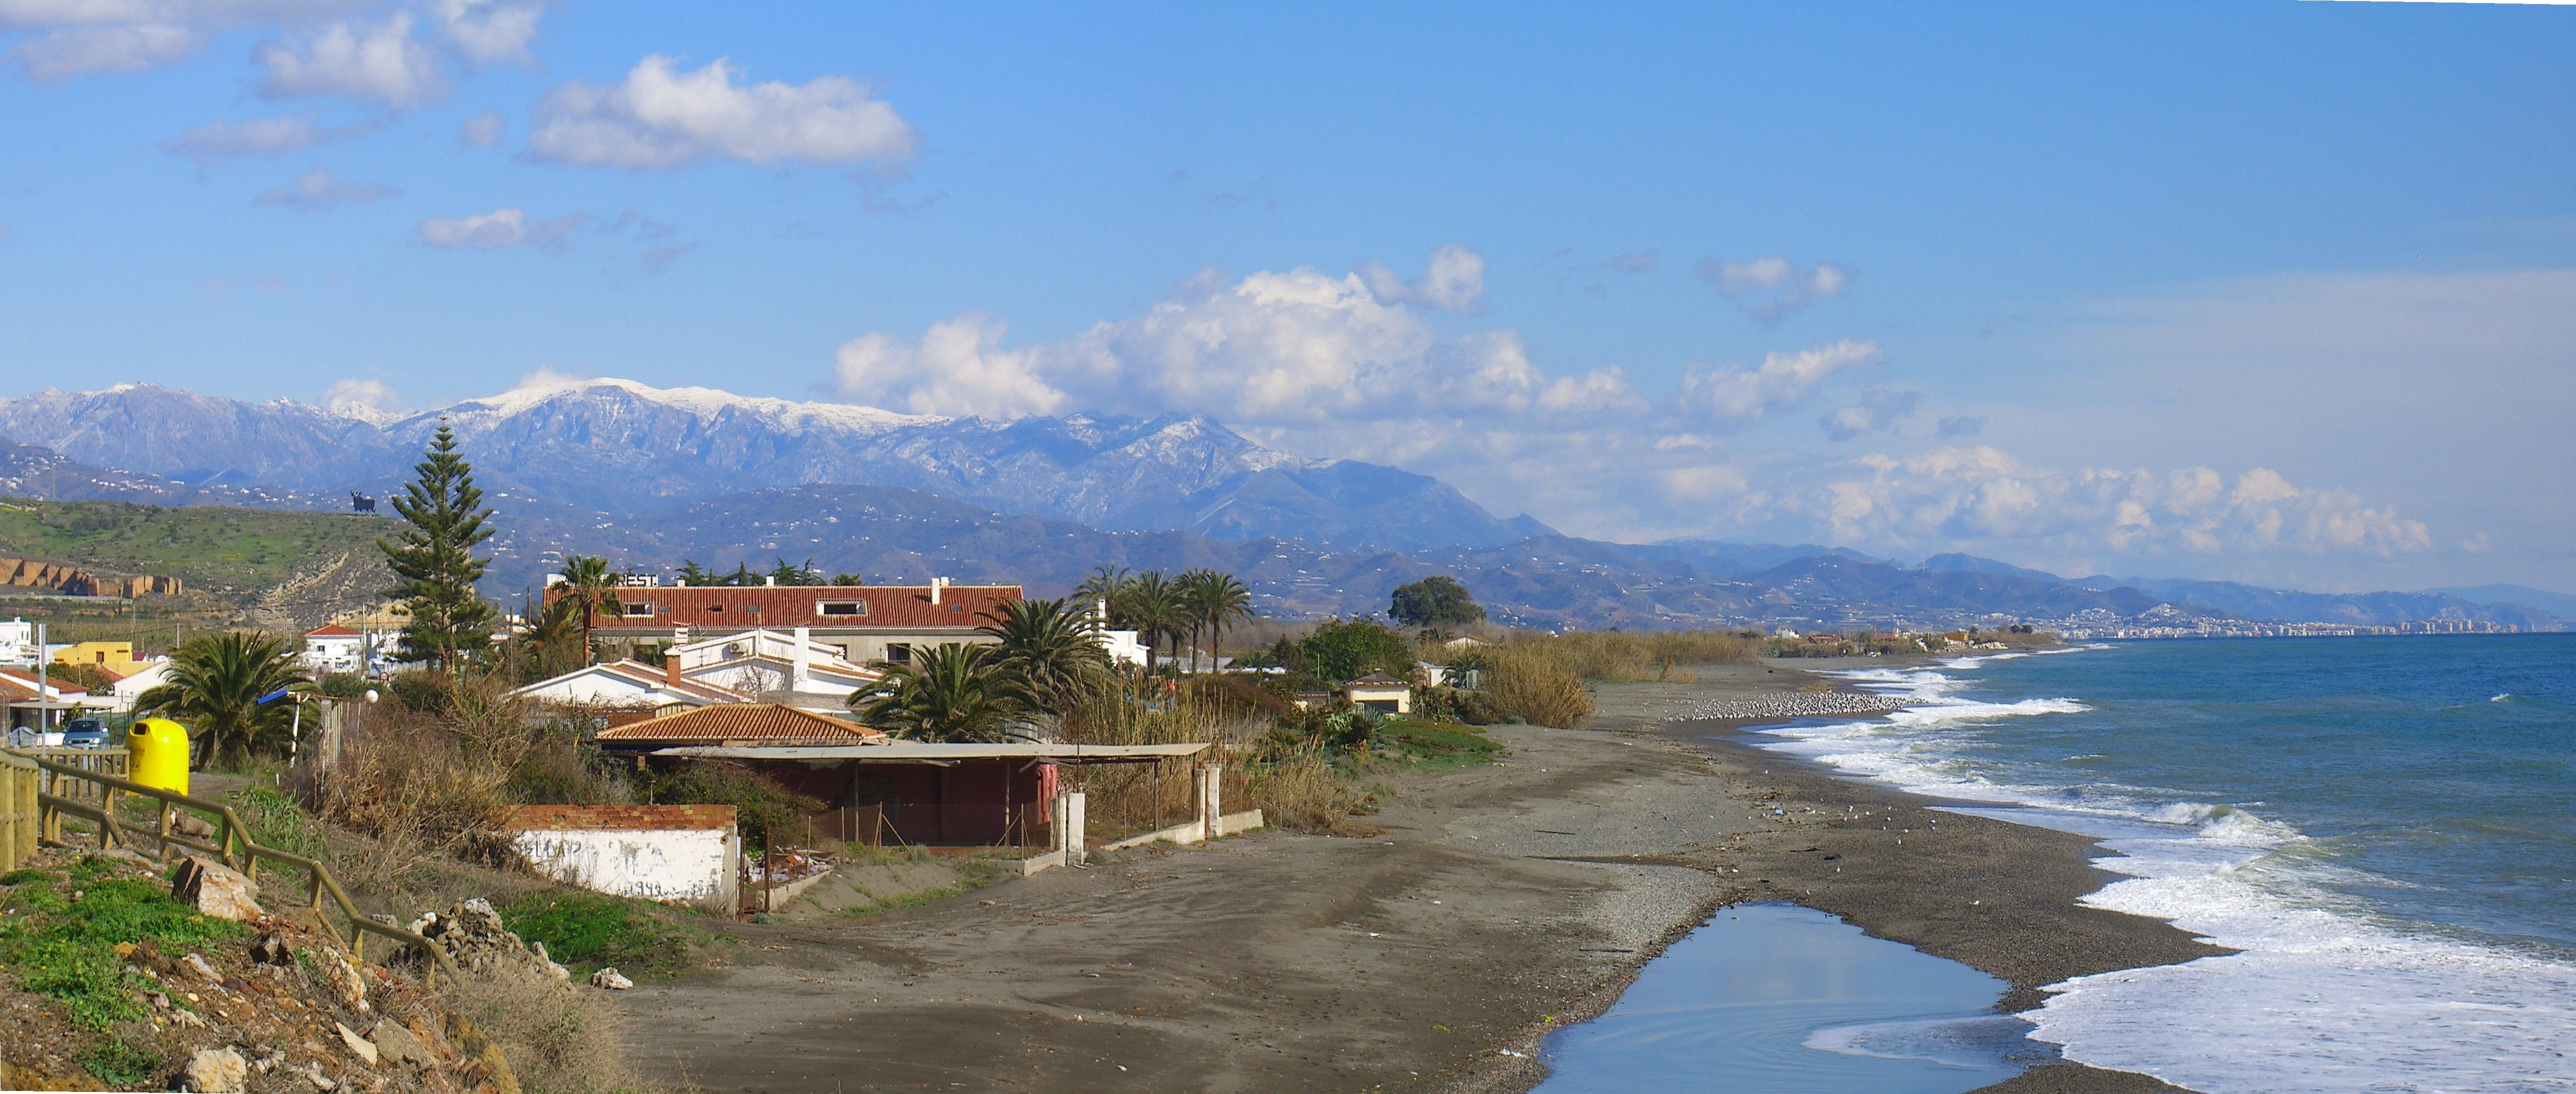 Foto playa Valle Niza. Panorámica desde Benajarafe de la Sierra de Almijara con la Maroma nevada